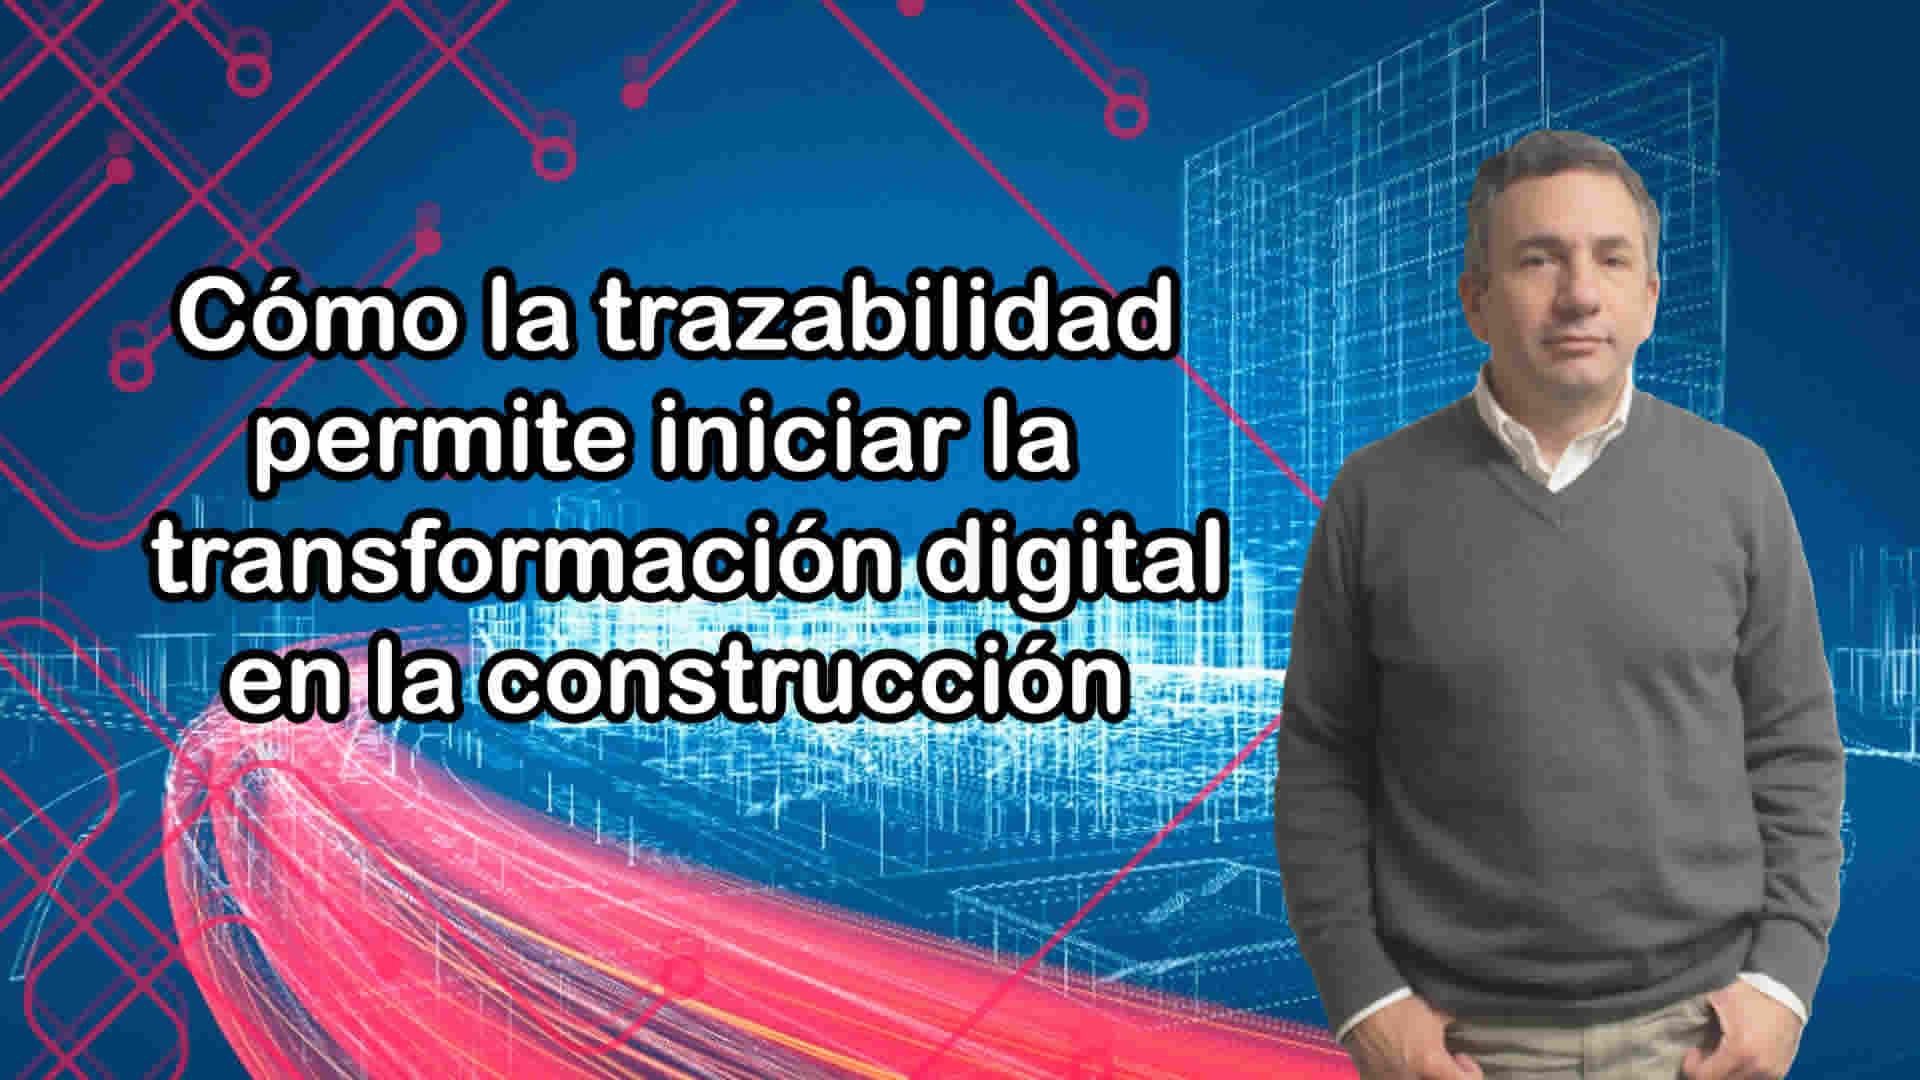 Cómo la trazabilidad permite iniciar la transformación digital en la construcción